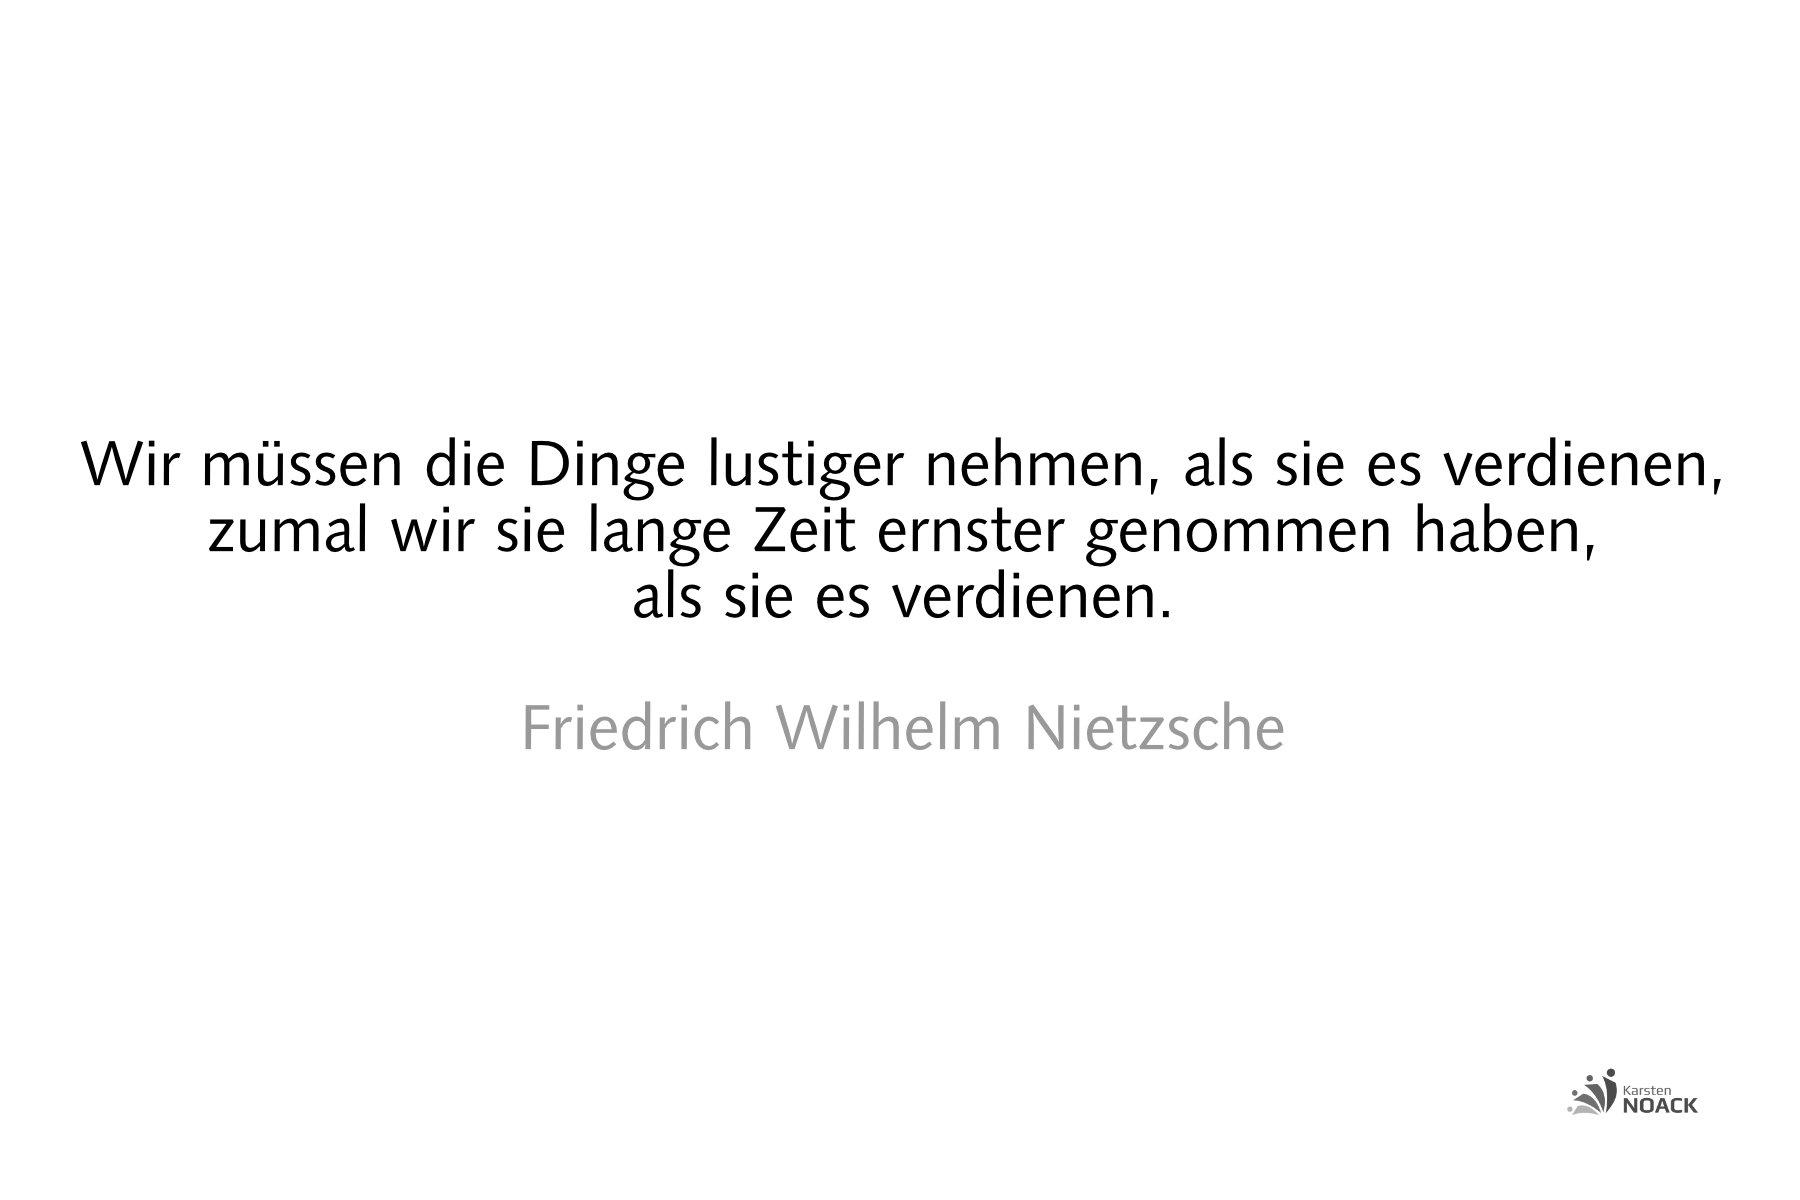 Wir müssen die Dinge lustiger nehmen, als sie es verdienen, zumal wir sie lange Zeit ernster genommen haben, als sie es verdienen. Friedrich Wilhelm Nietzsche